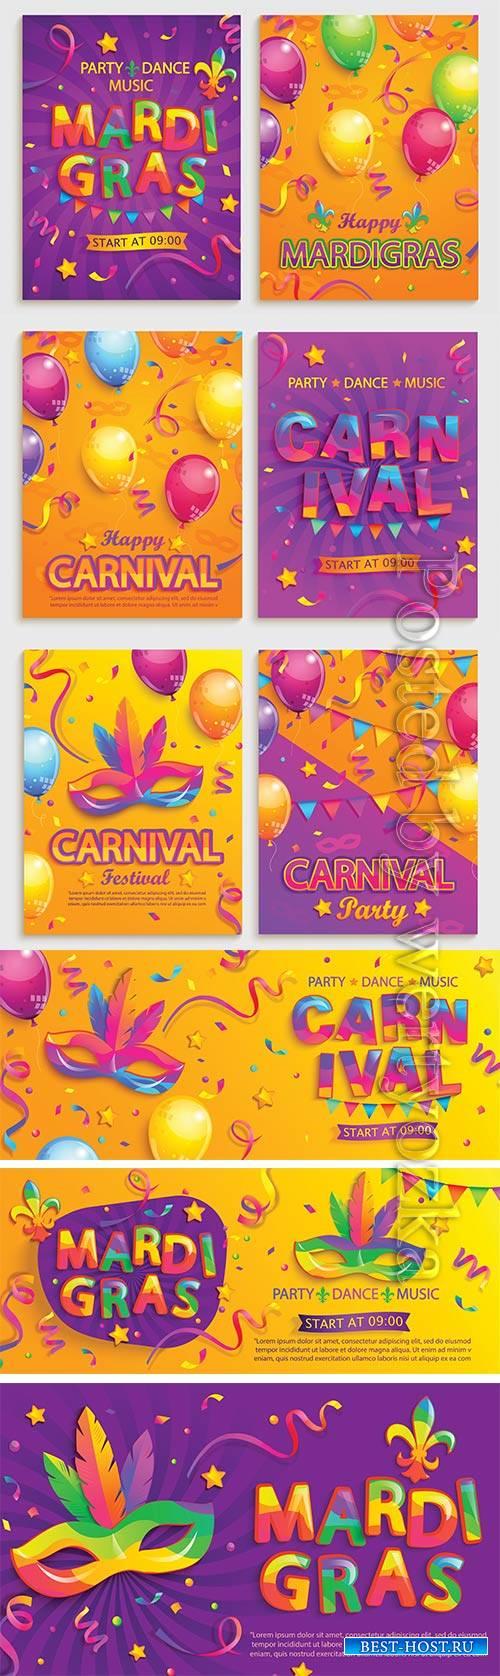 Mardi gras carnival poster, Venice carnival vector design # 3